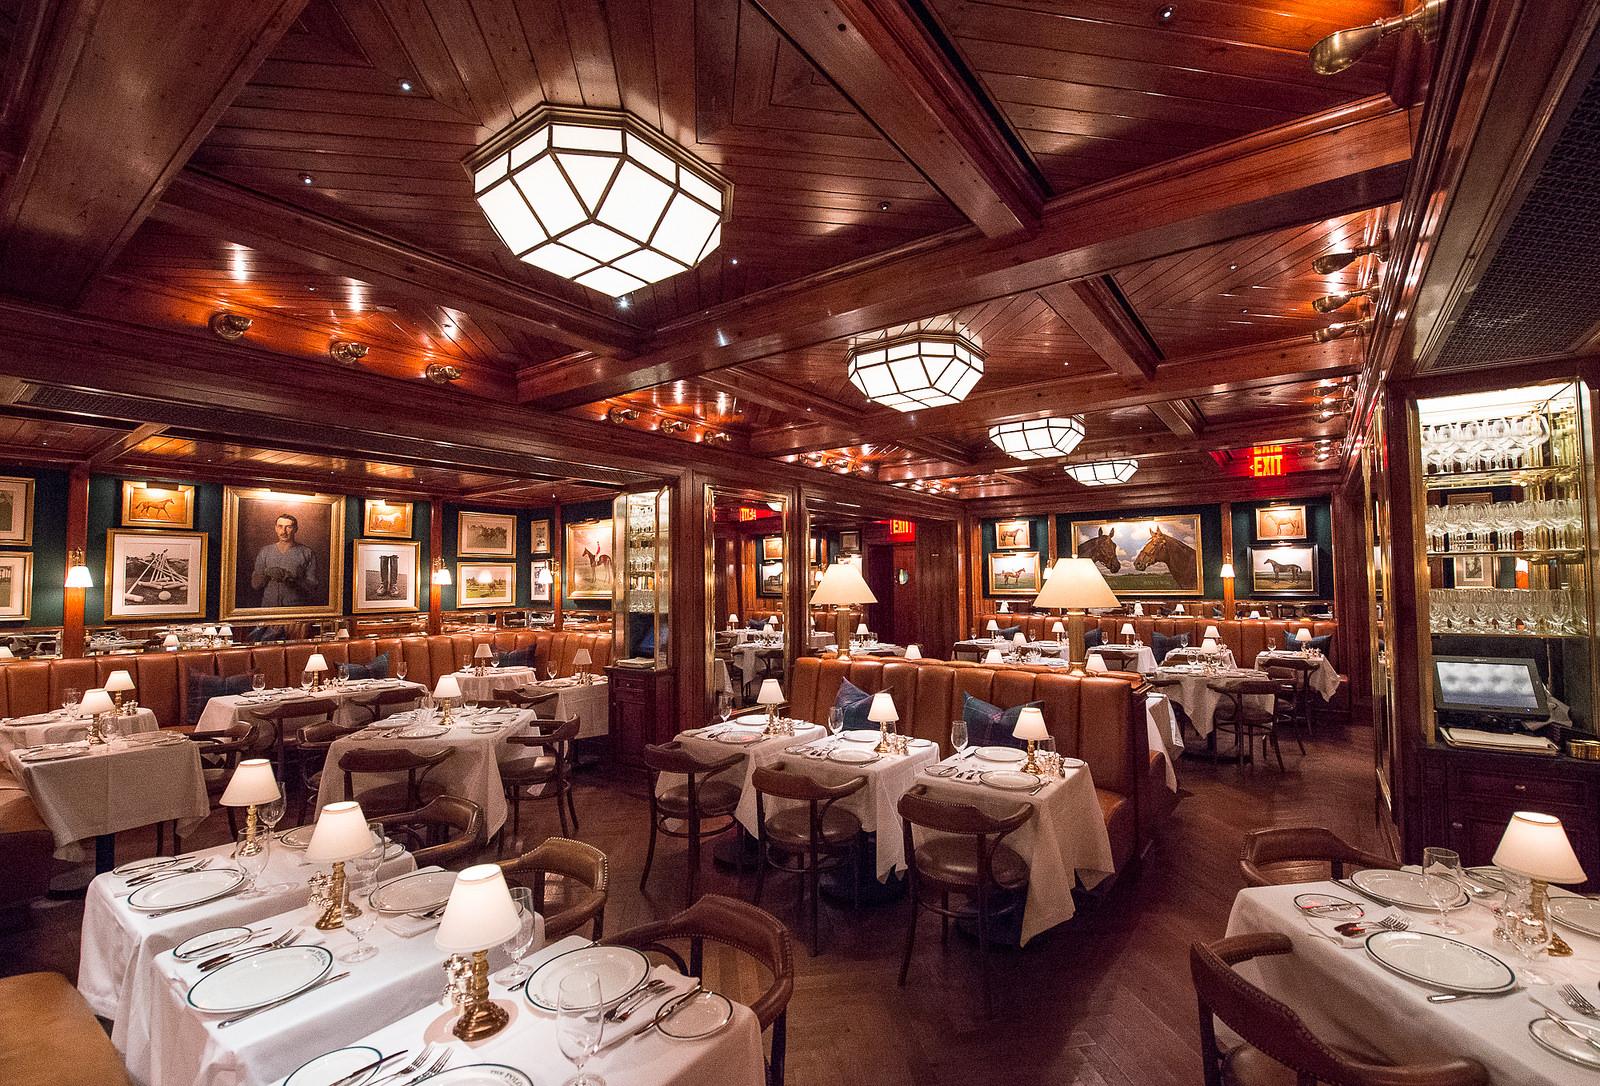 Ralph Lauren S Polo Bar Lets Ordinary Folk Feel Like The